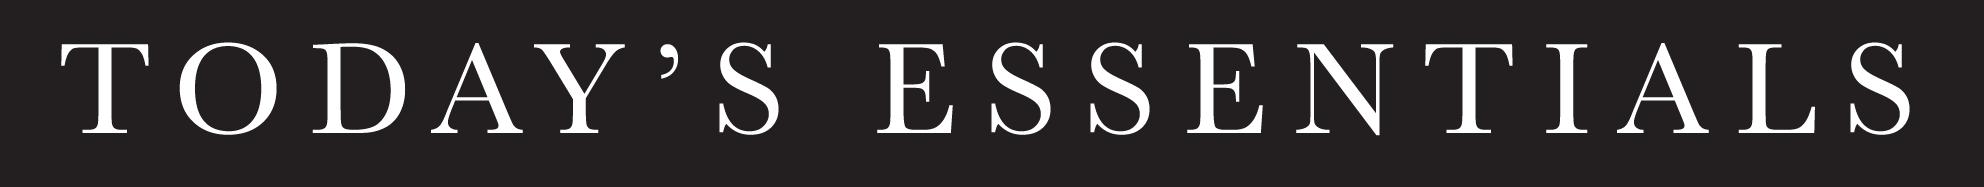 Todays Essentials Logo.png